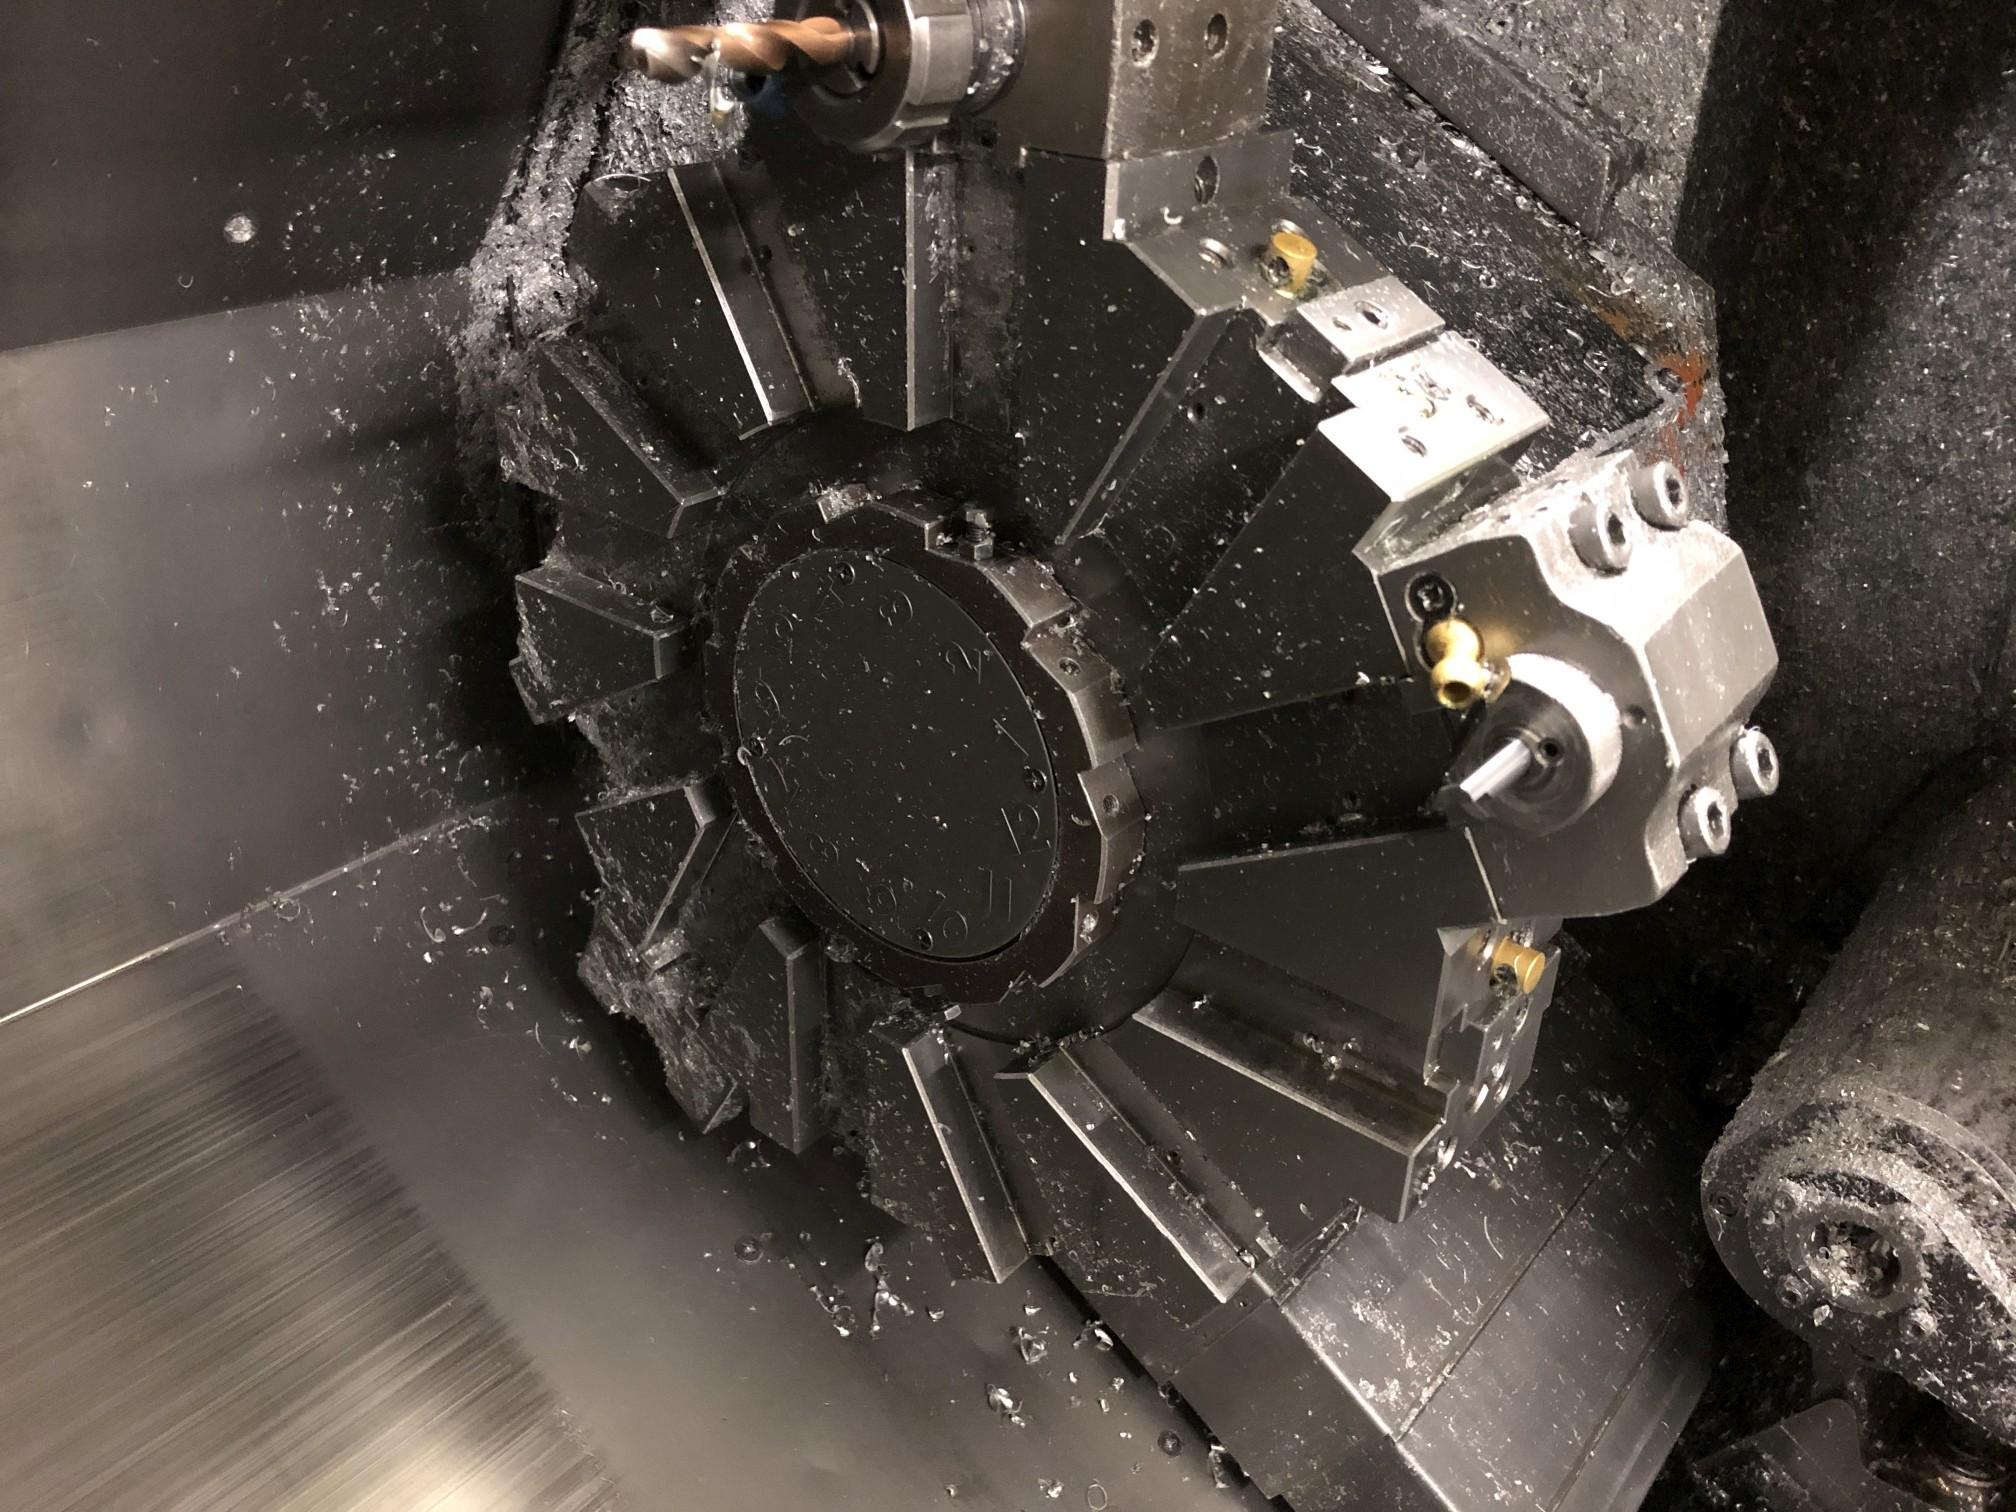 2002 Takisawa EX-106 CNC Lathe - Image 4 of 20